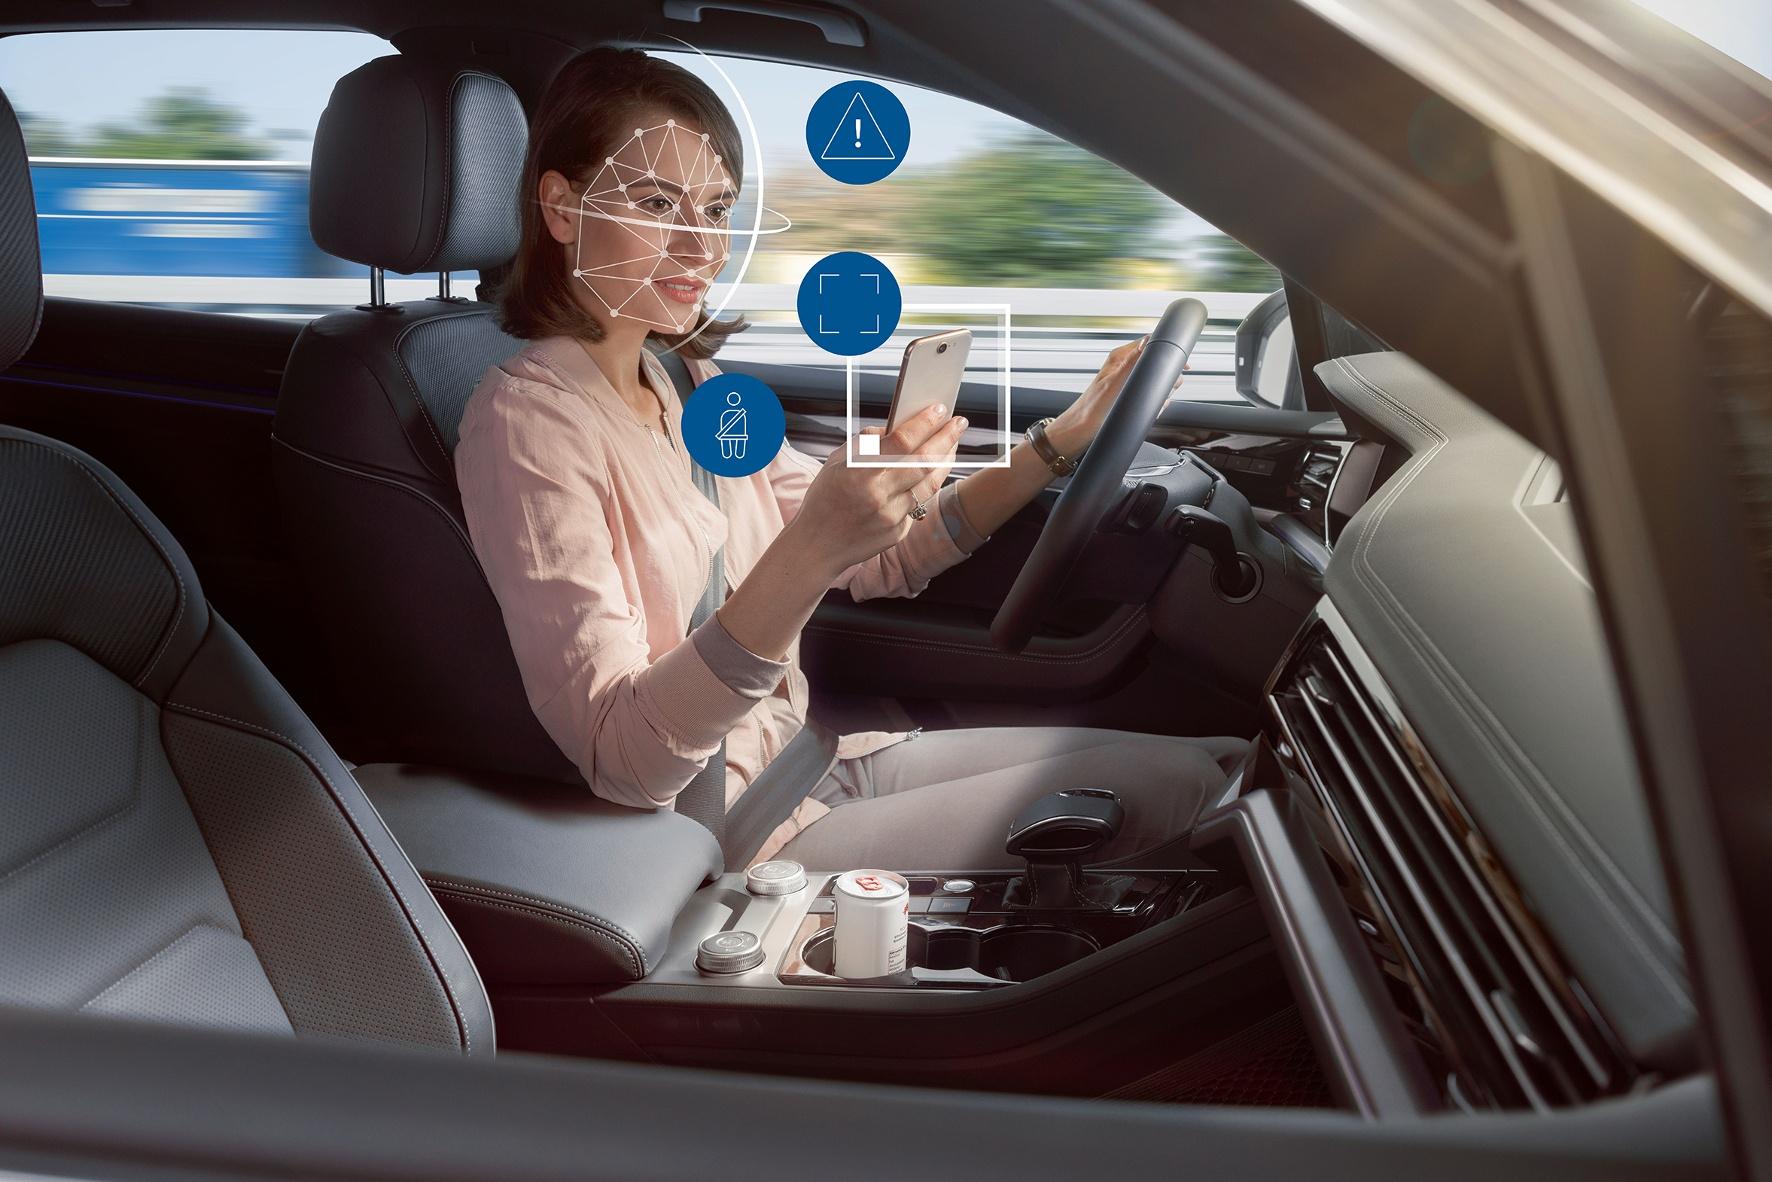 """Vertrauen ist gut, Kontrolle ist besser: Der Kamera entgeht nach """"chinesischem Vorbild"""" der Blick der Fahrerin aufs Smartphone nicht und es gibt sicherlich dafür auch keine Bonuspunkte. © Bosch / TRD mobil"""